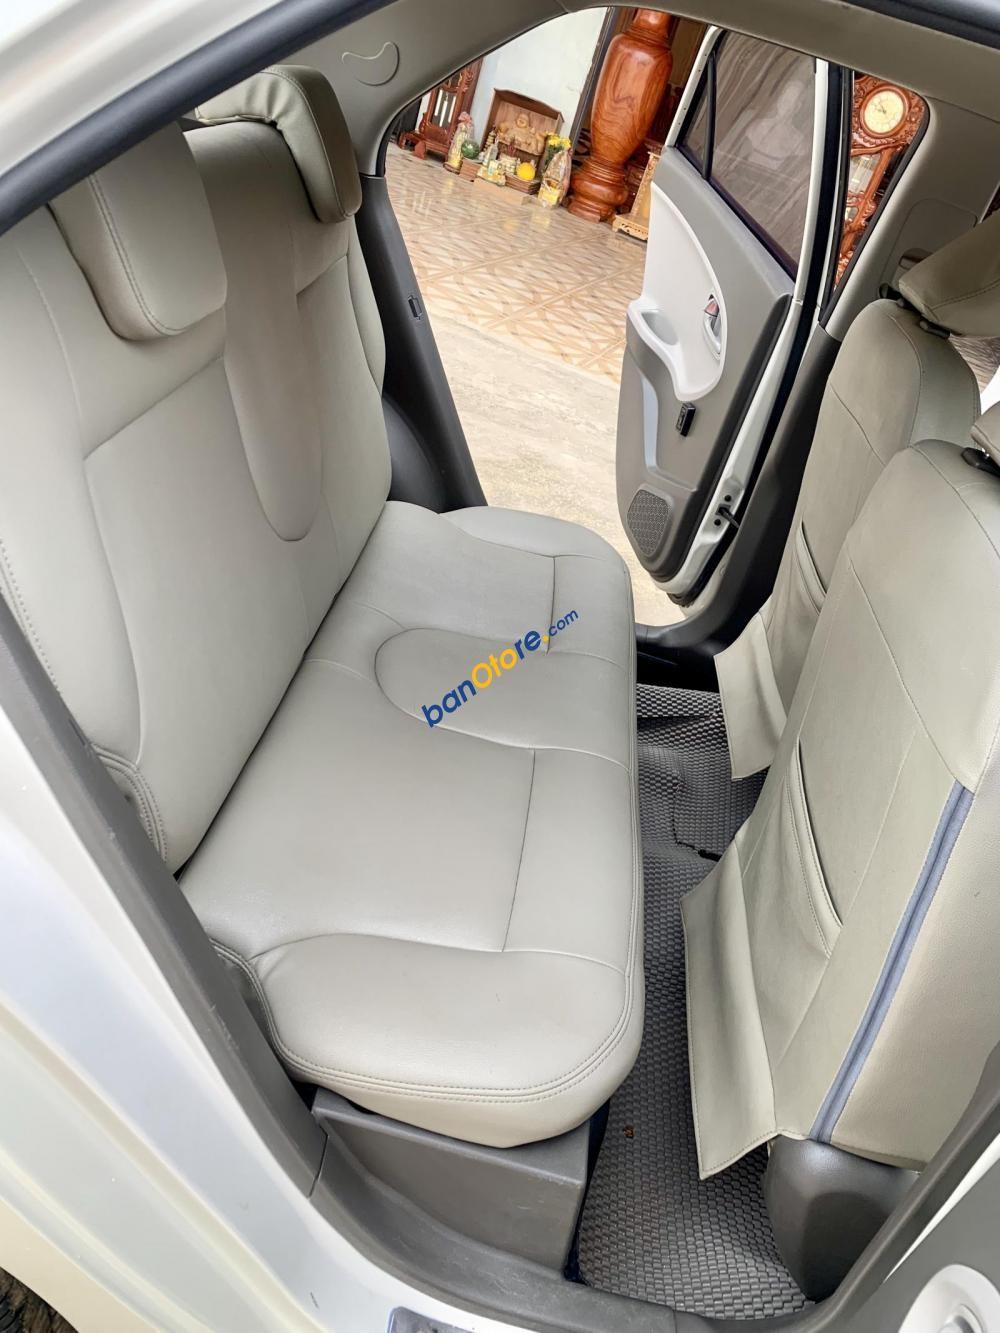 Cần bán gấp Kia Morning Van sản xuất năm 2014, màu kem (be), nhập khẩu nguyên chiếc chính chủ